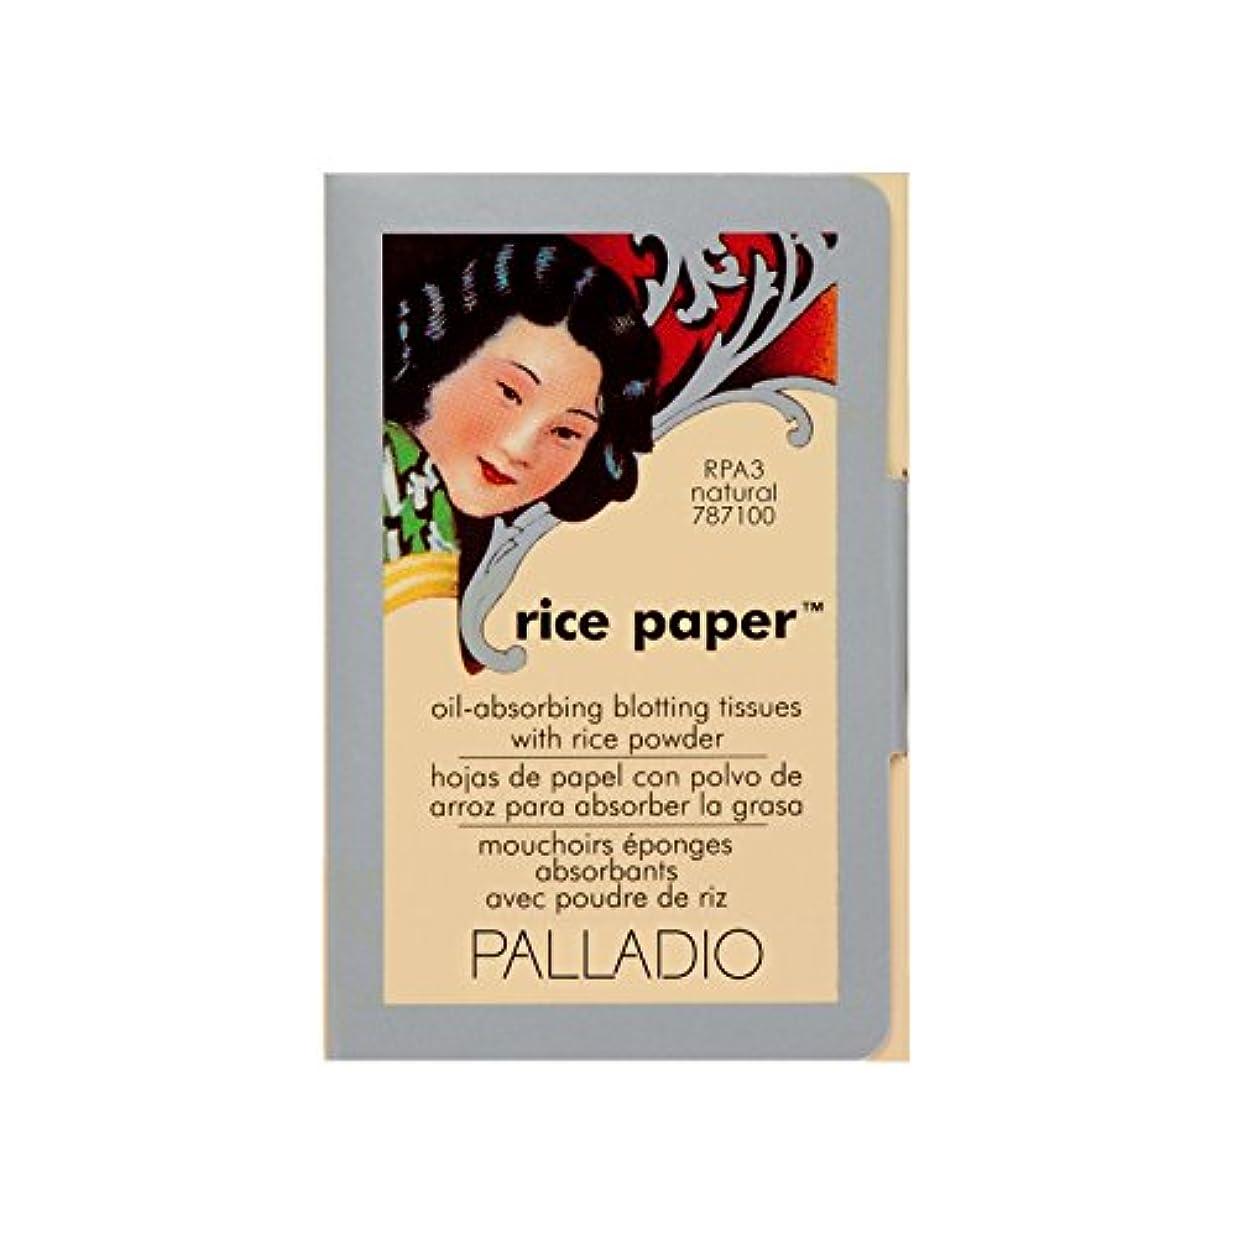 煩わしい罰製作Palladio ライスペーパーティッシュ、米粉と顔あぶらとりシートは、オイルを吸収し、肌が新鮮で財布や旅行のための滑らかな、コンパクトなサイズを探し滞在を支援します ナチュラル